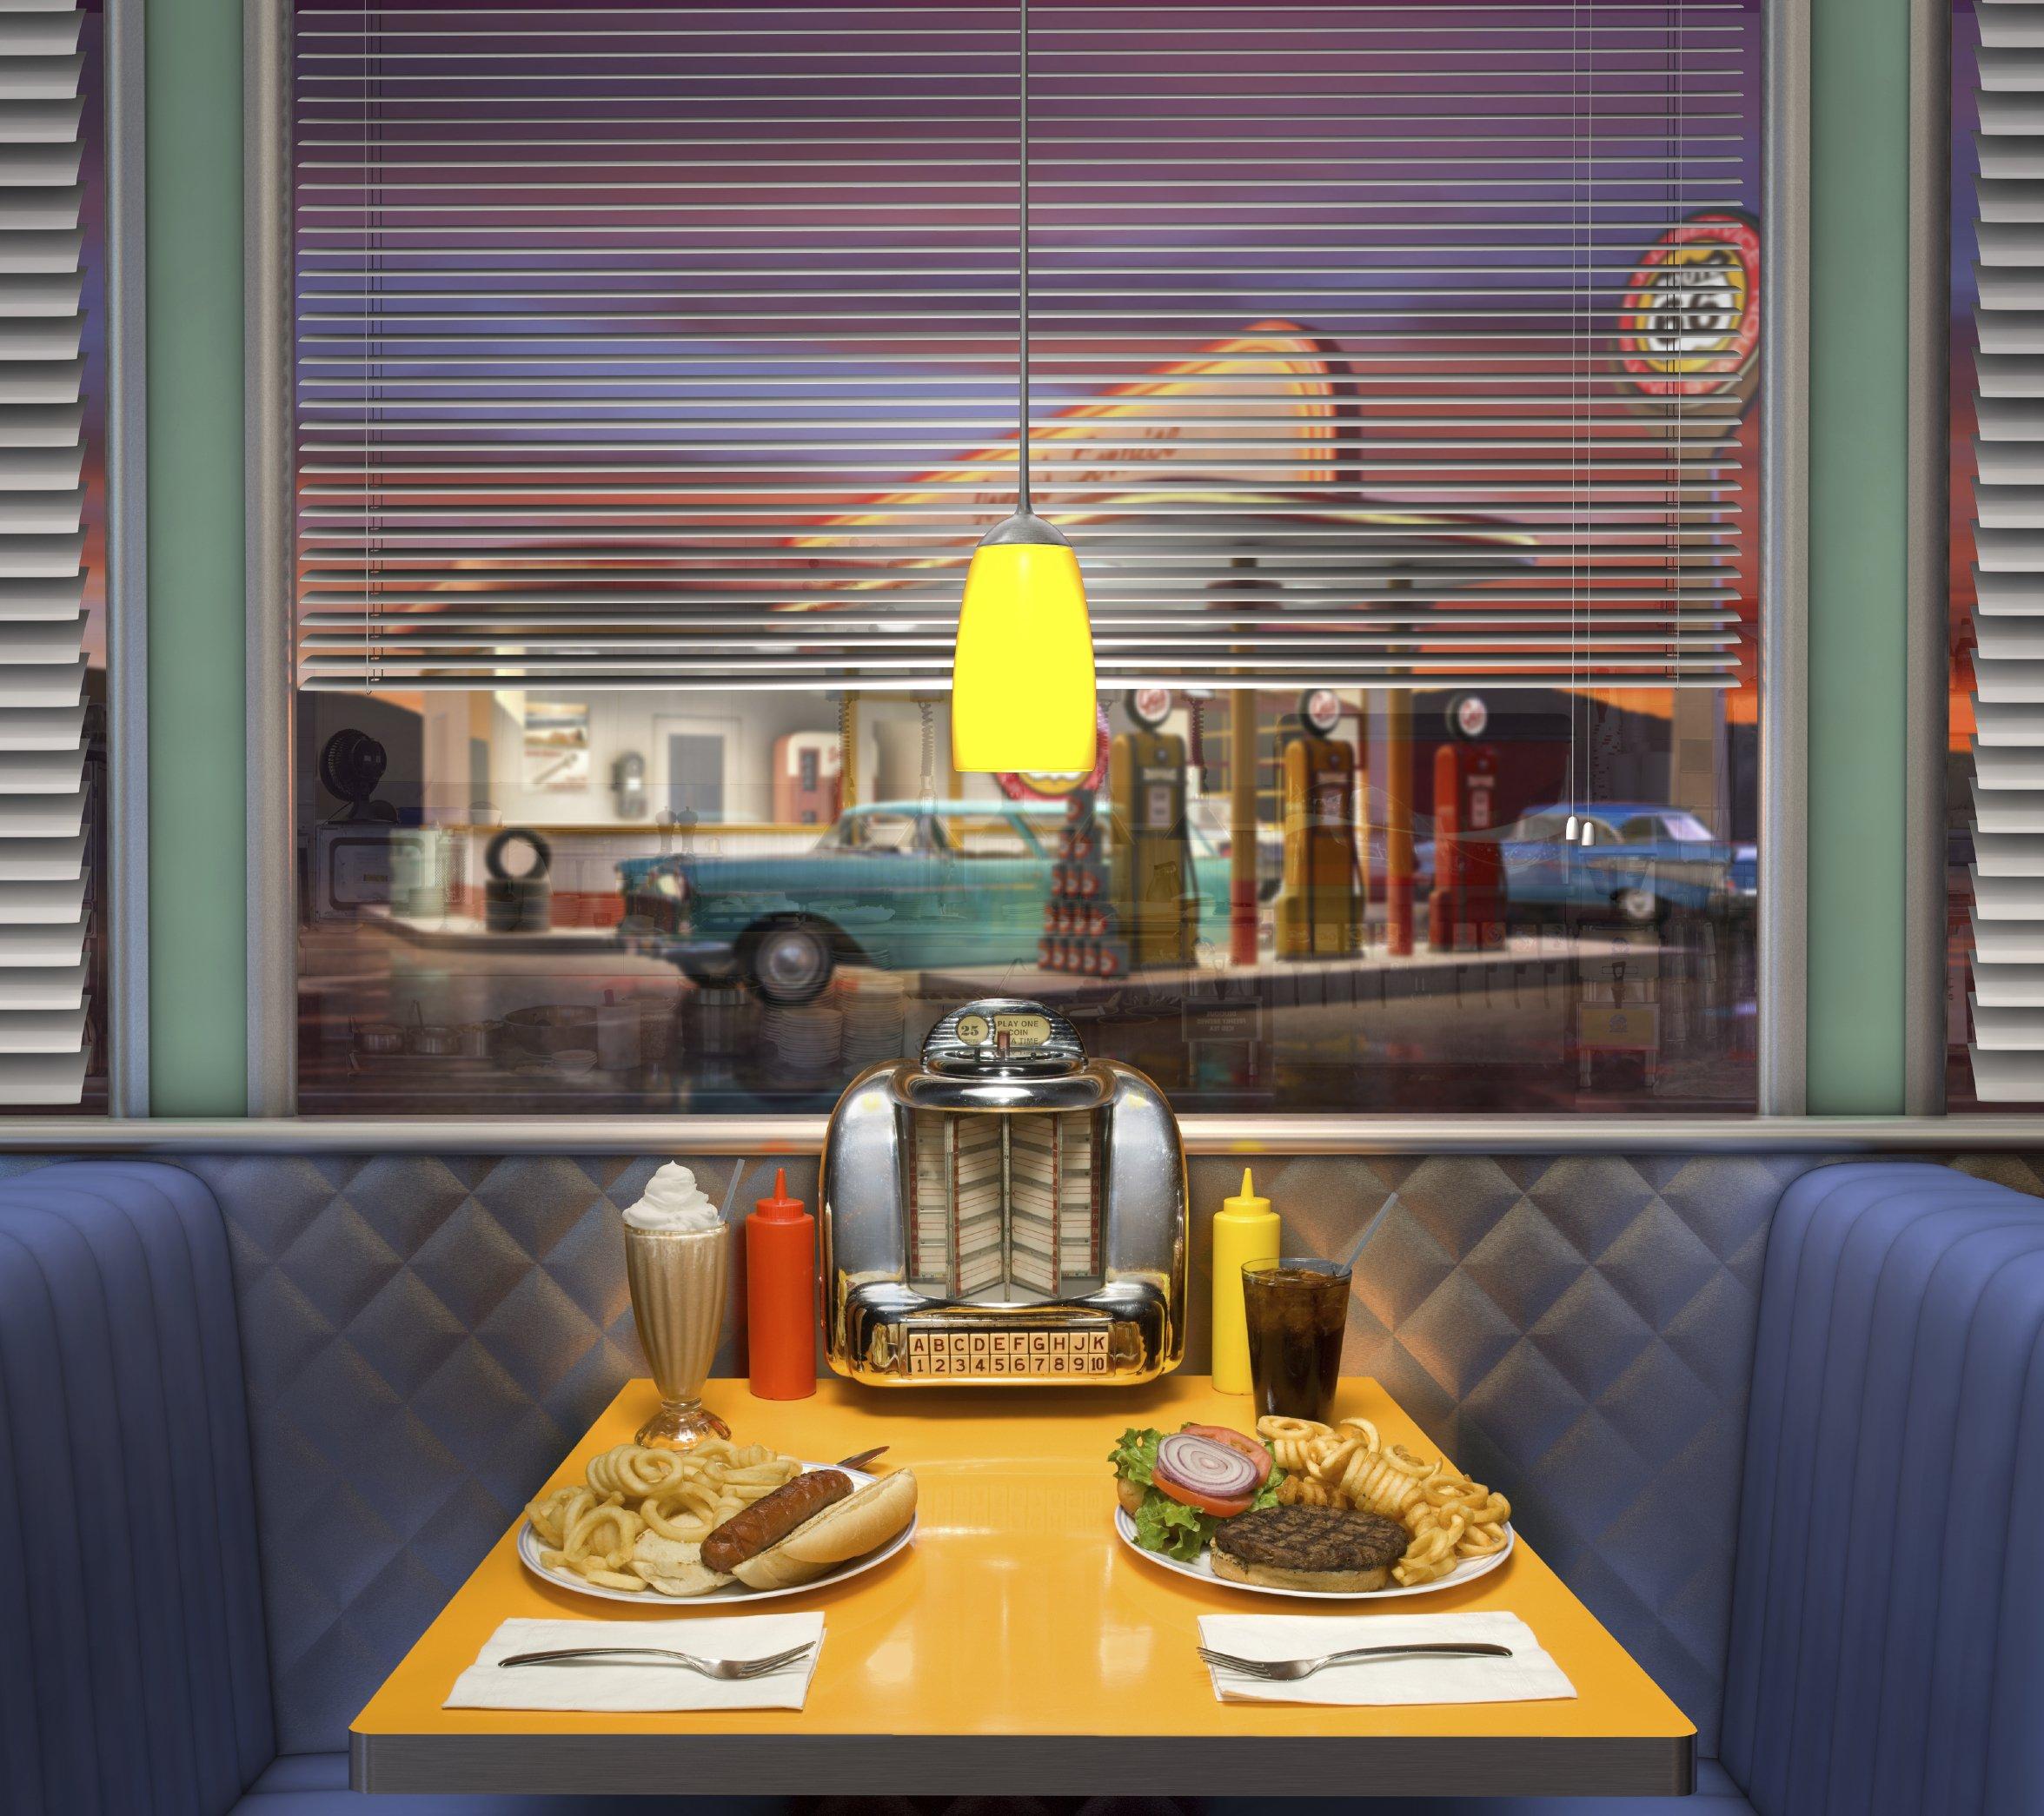 Backdrop 50s Diner 3.0m x 2.1m $60 includes frame & gst